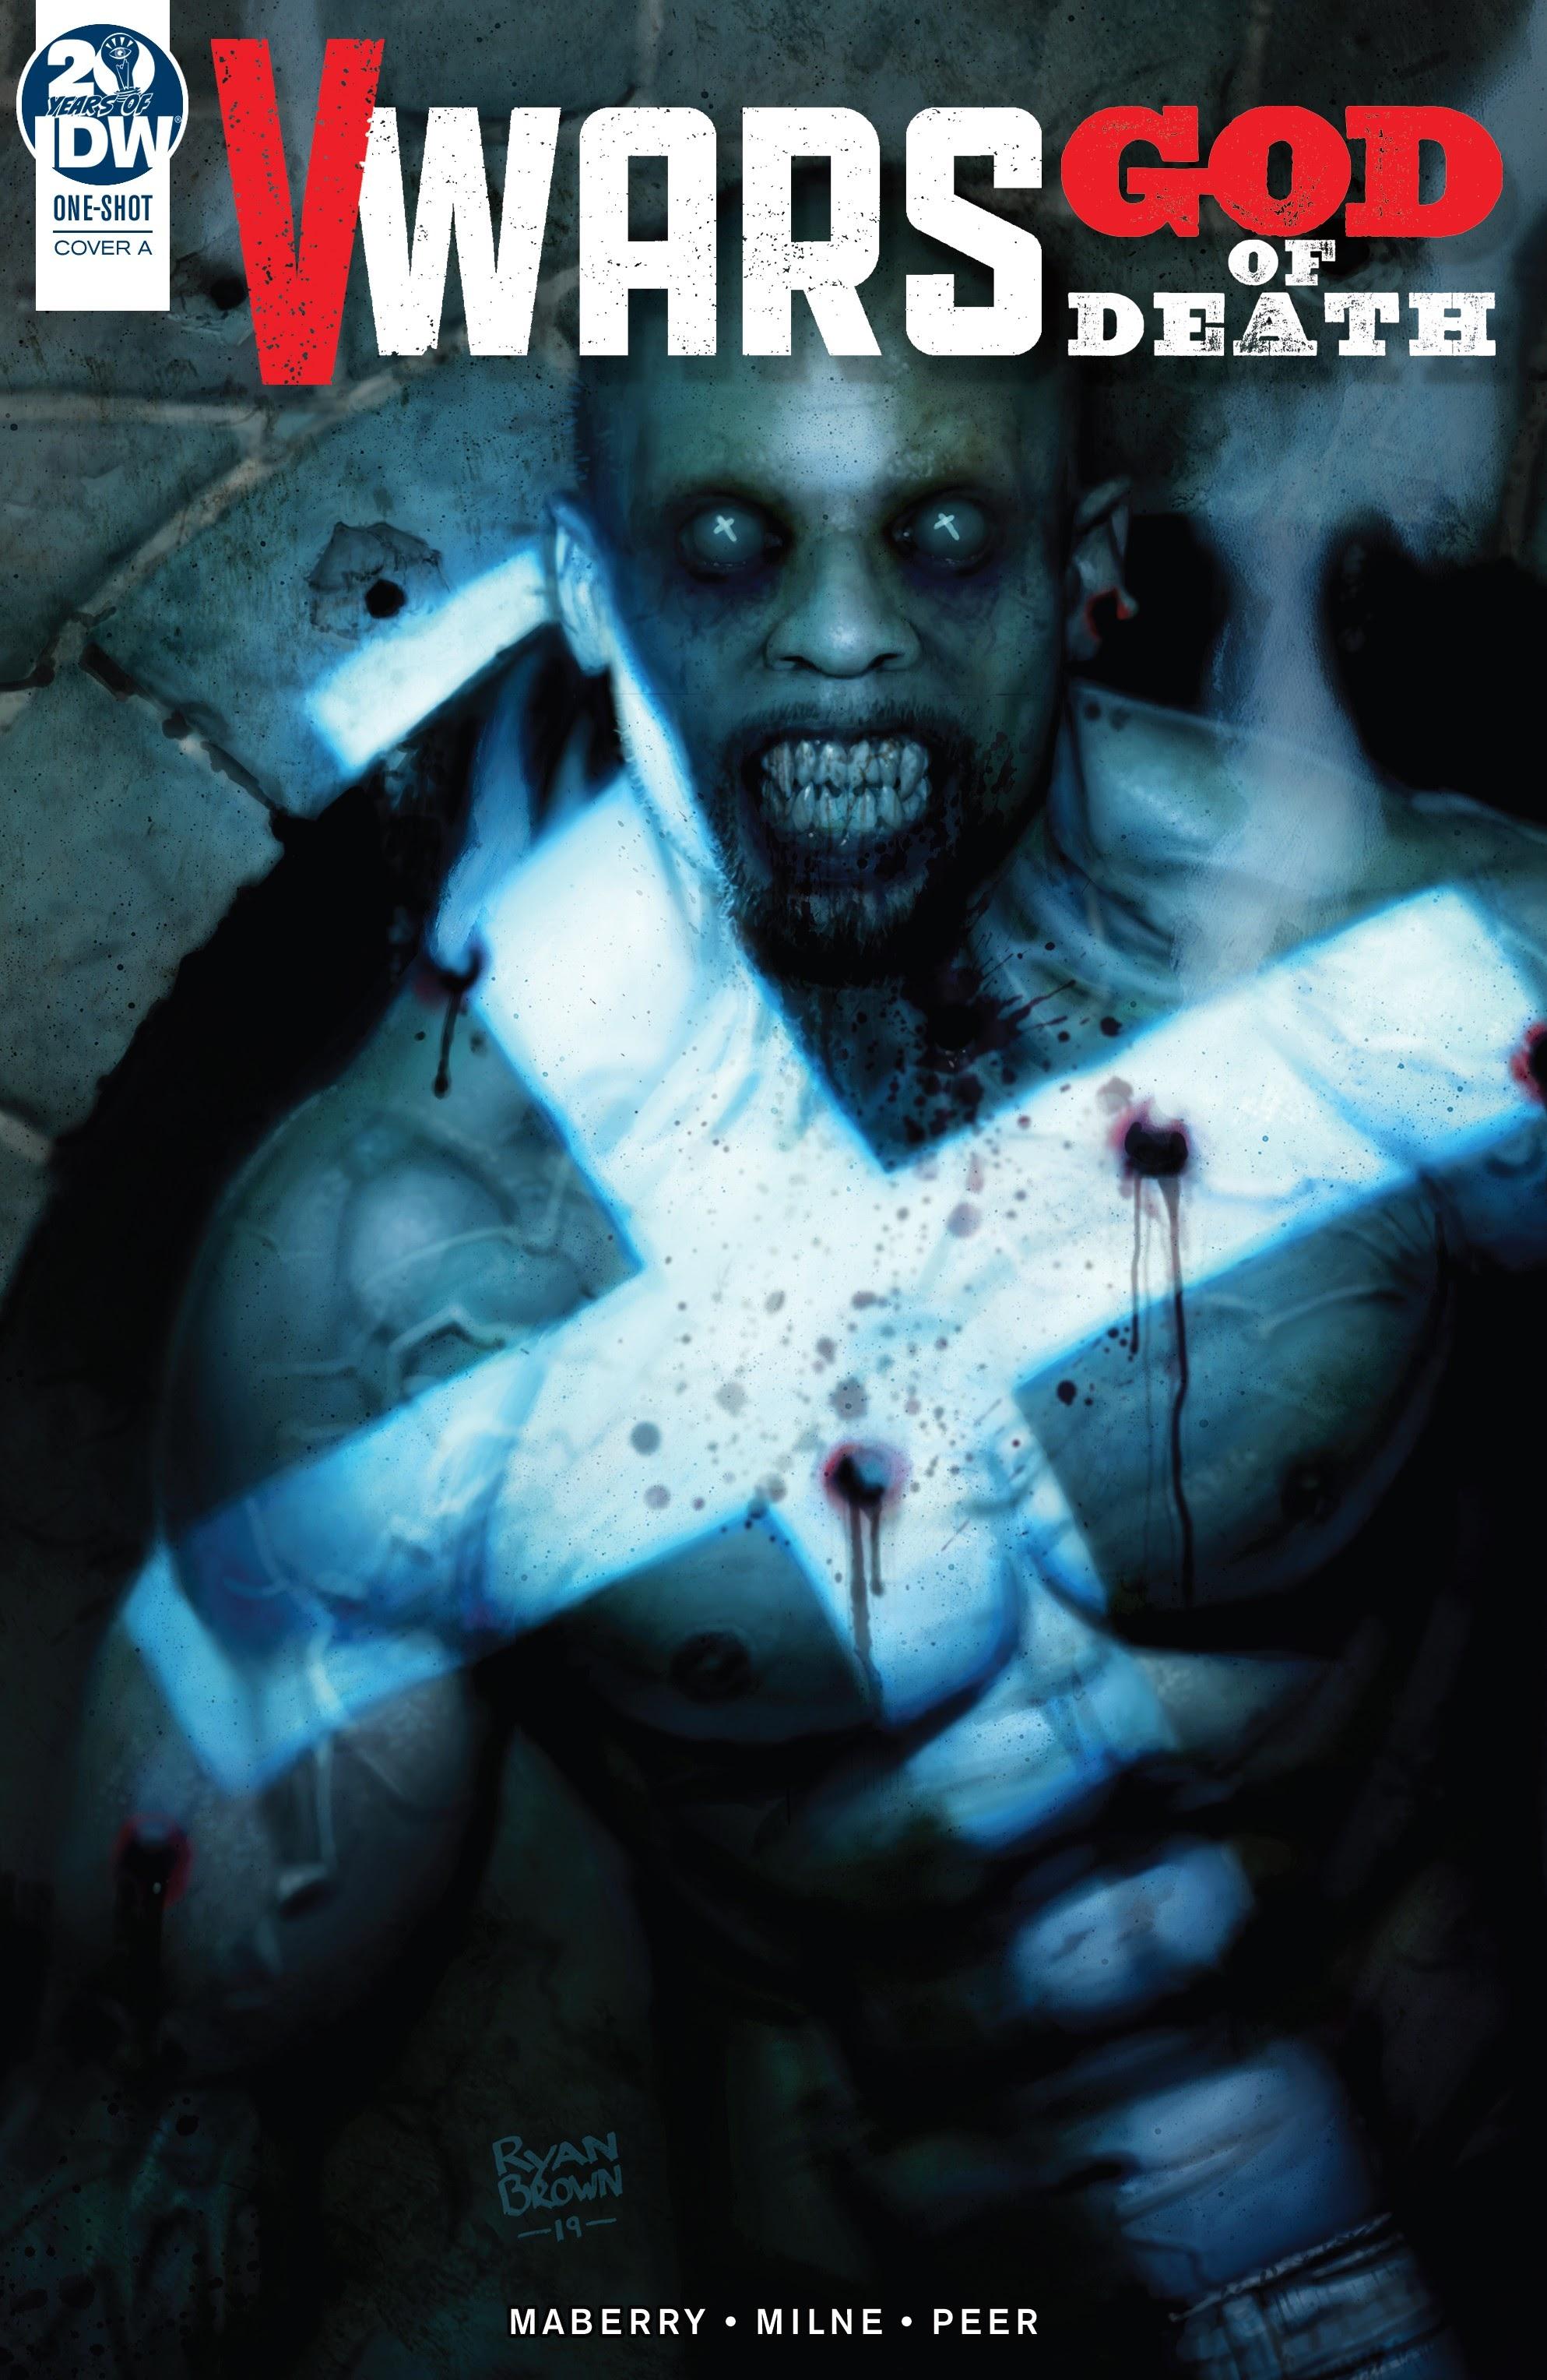 V-Wars: God of Death One-Shot Full Page 1